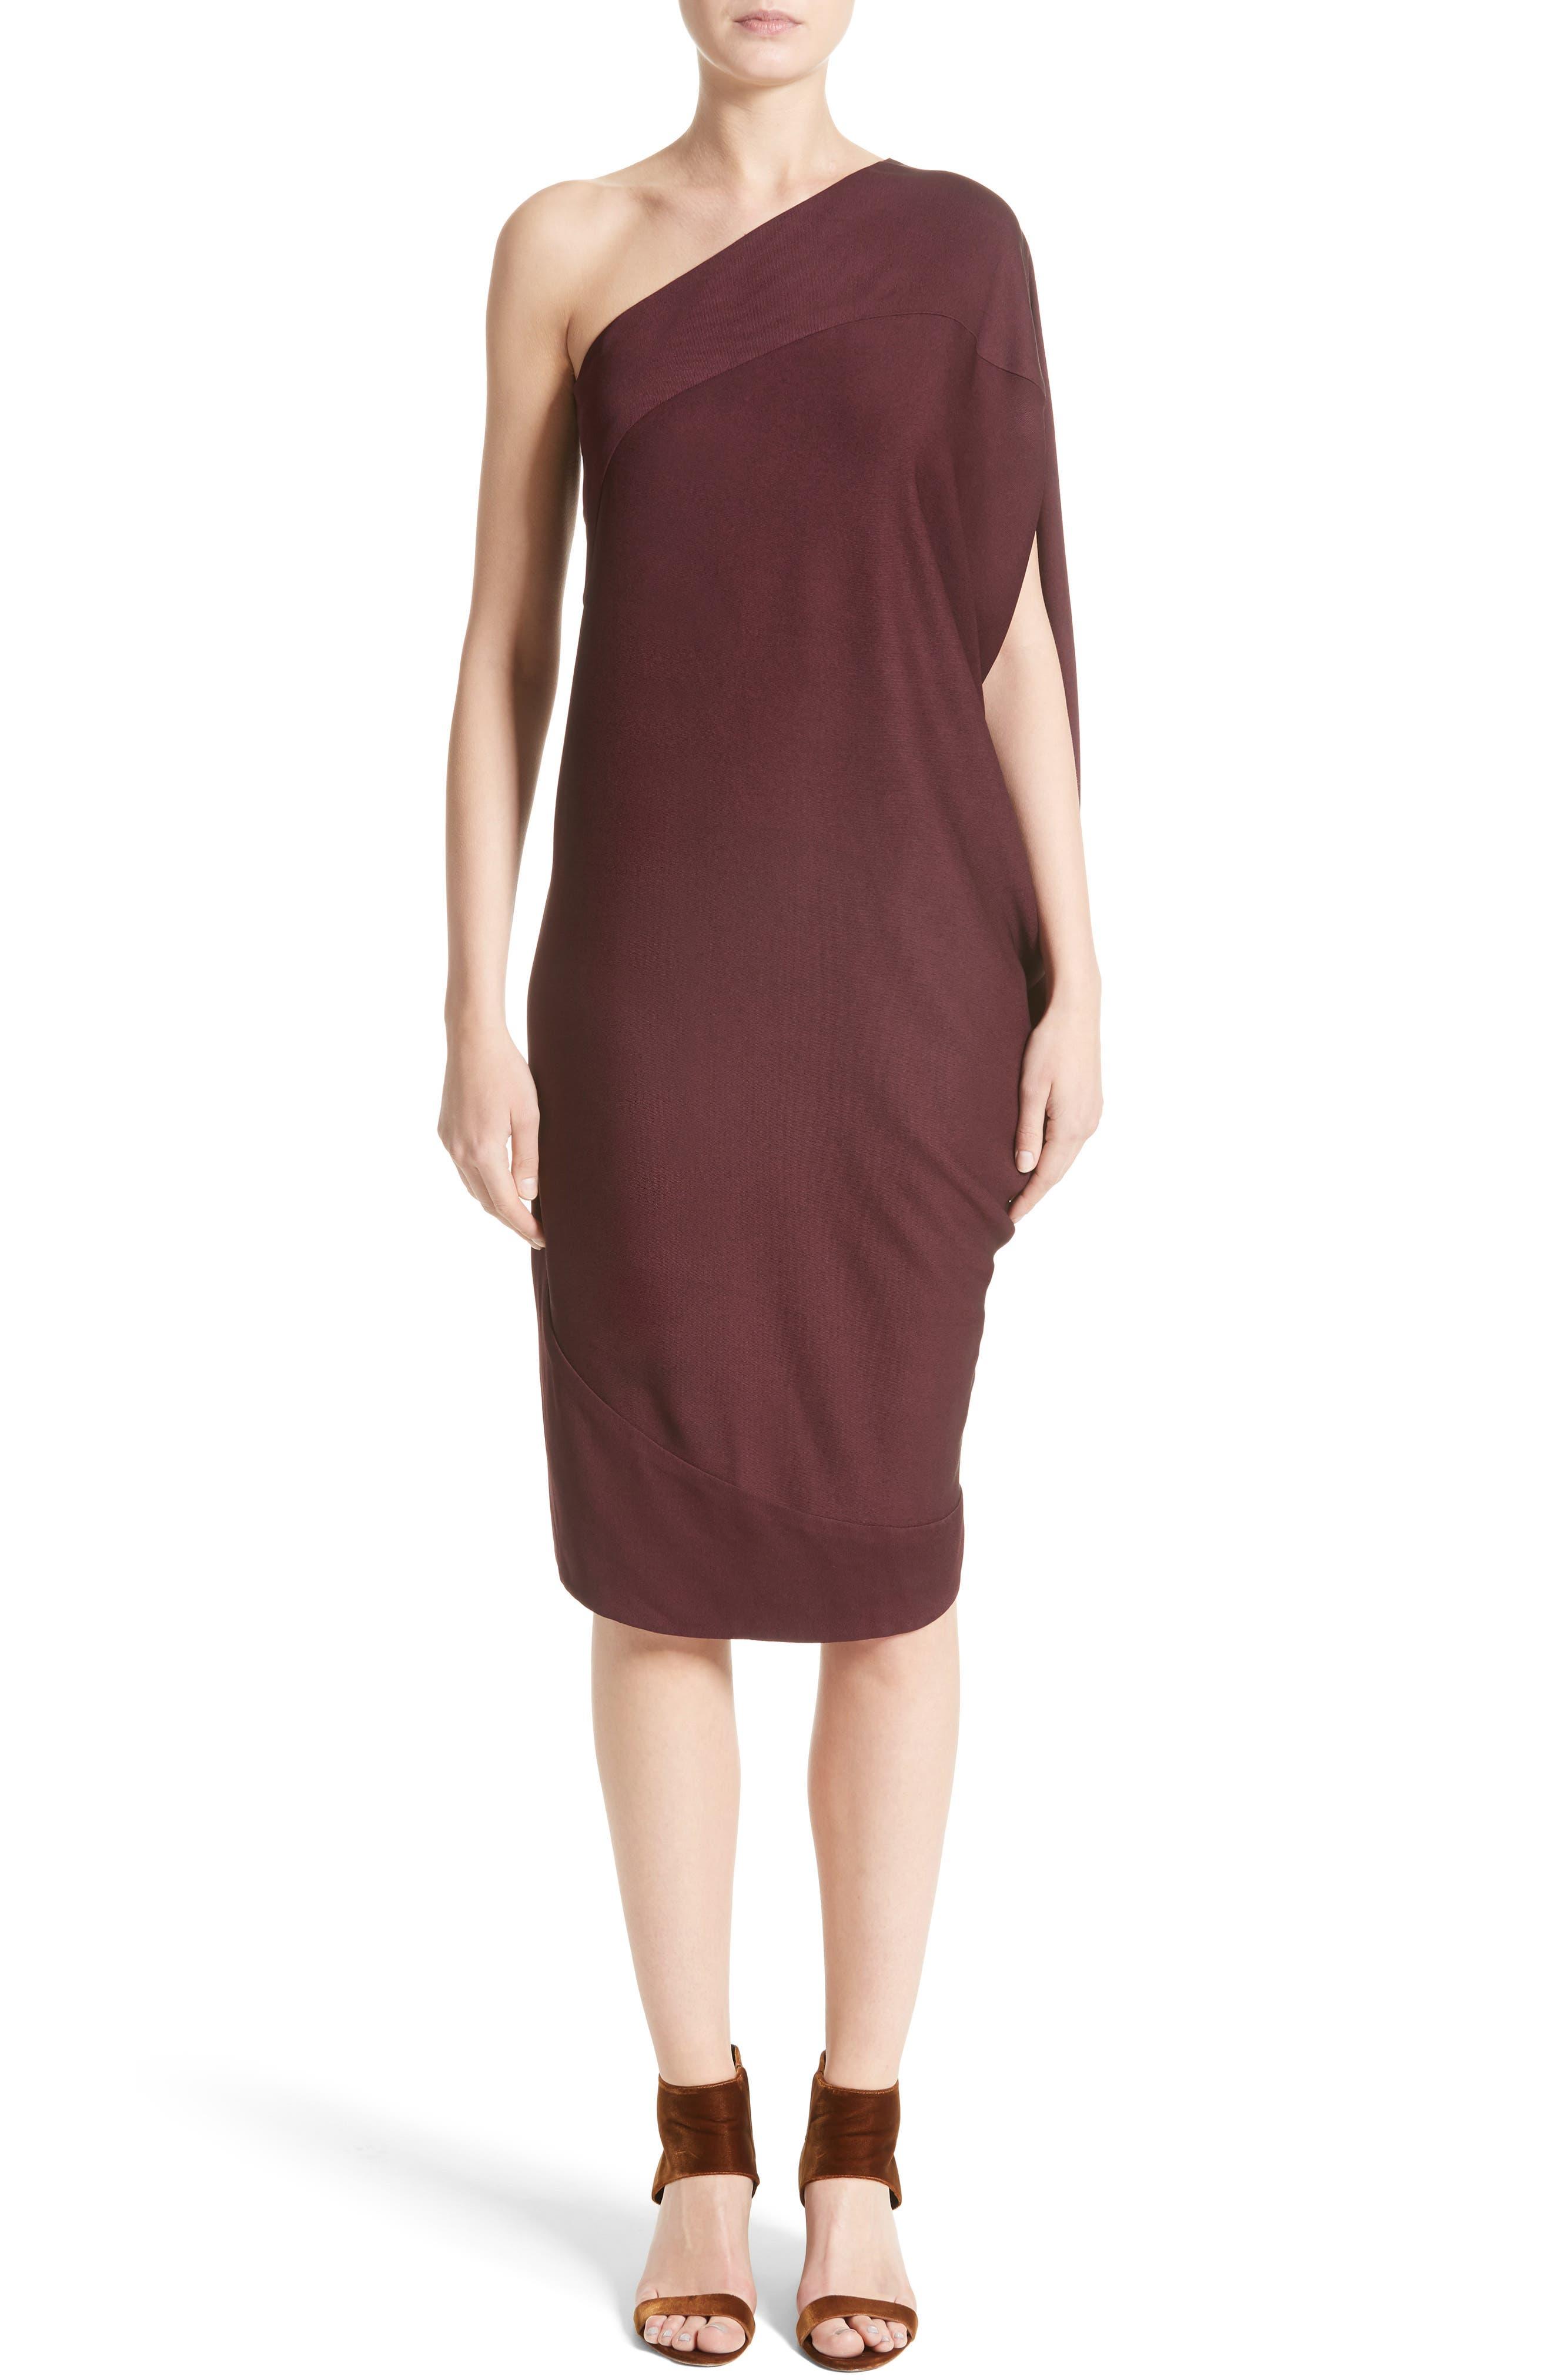 Lui Eco Drape One-Shoulder Dress,                         Main,                         color, 930